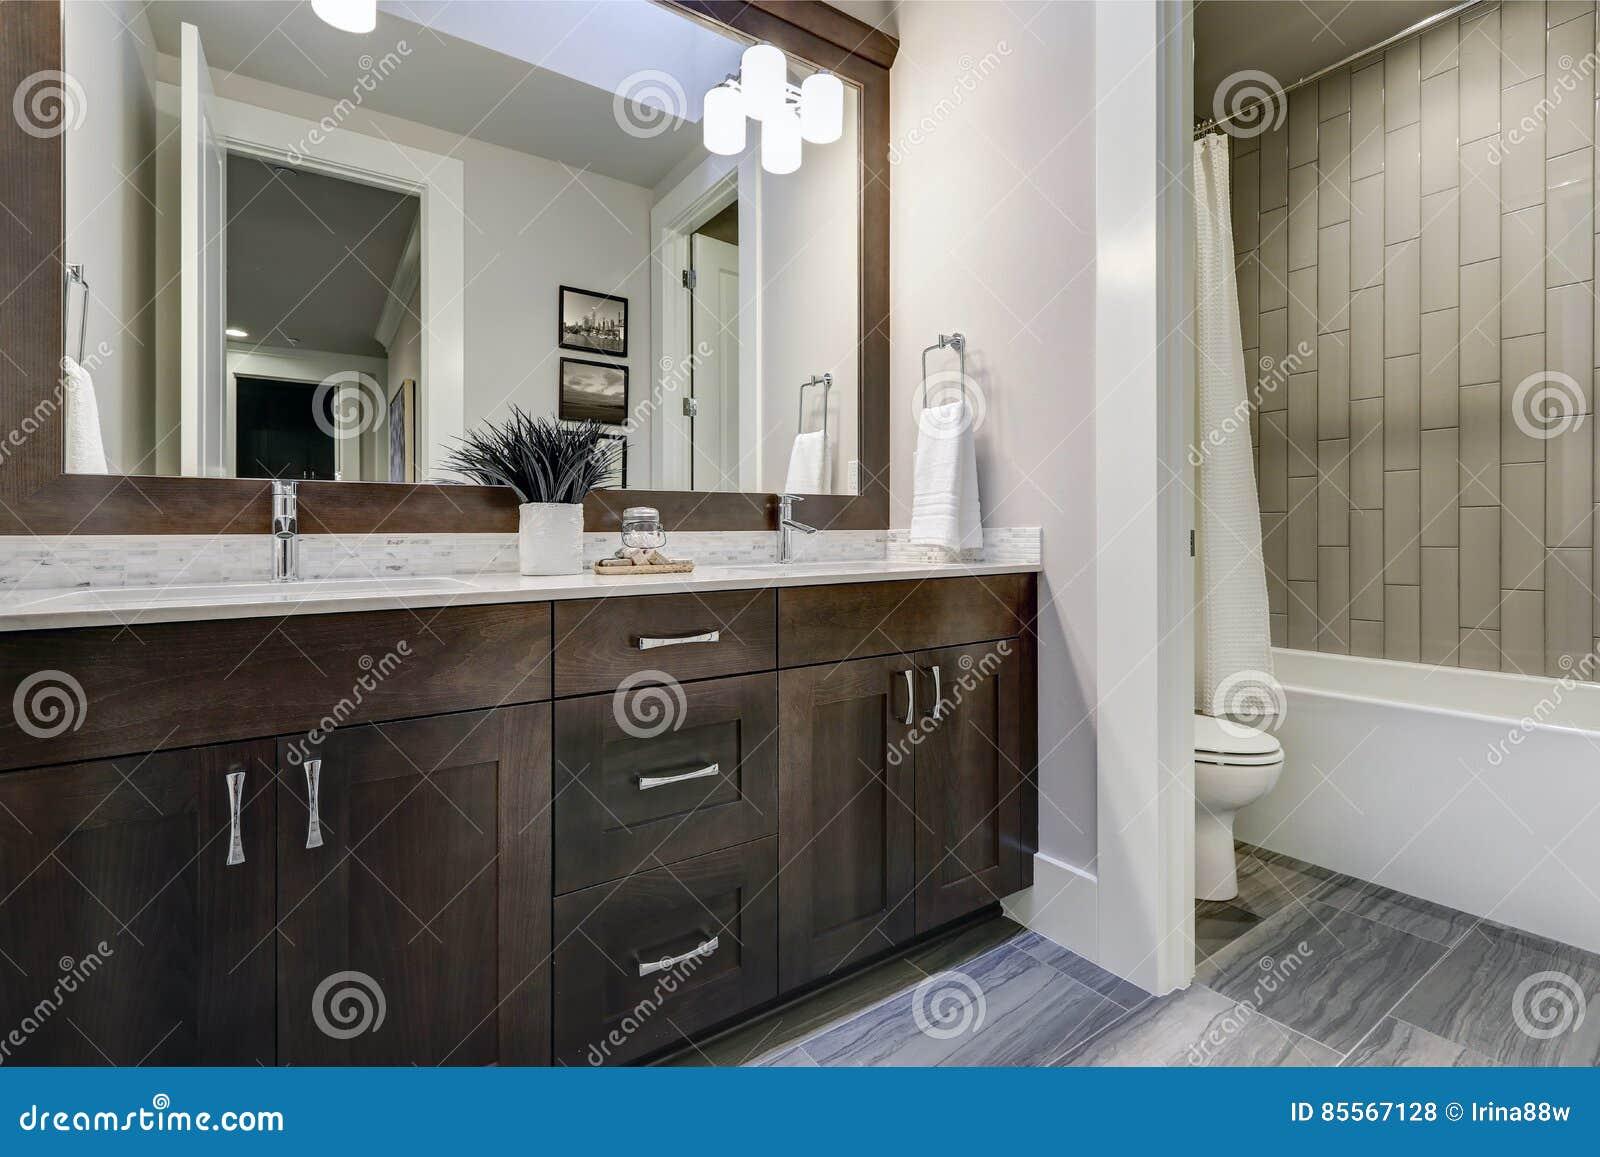 Salle De Bain Vanite ~ la salle de bains blanche et brune revendique un recoin rempli de